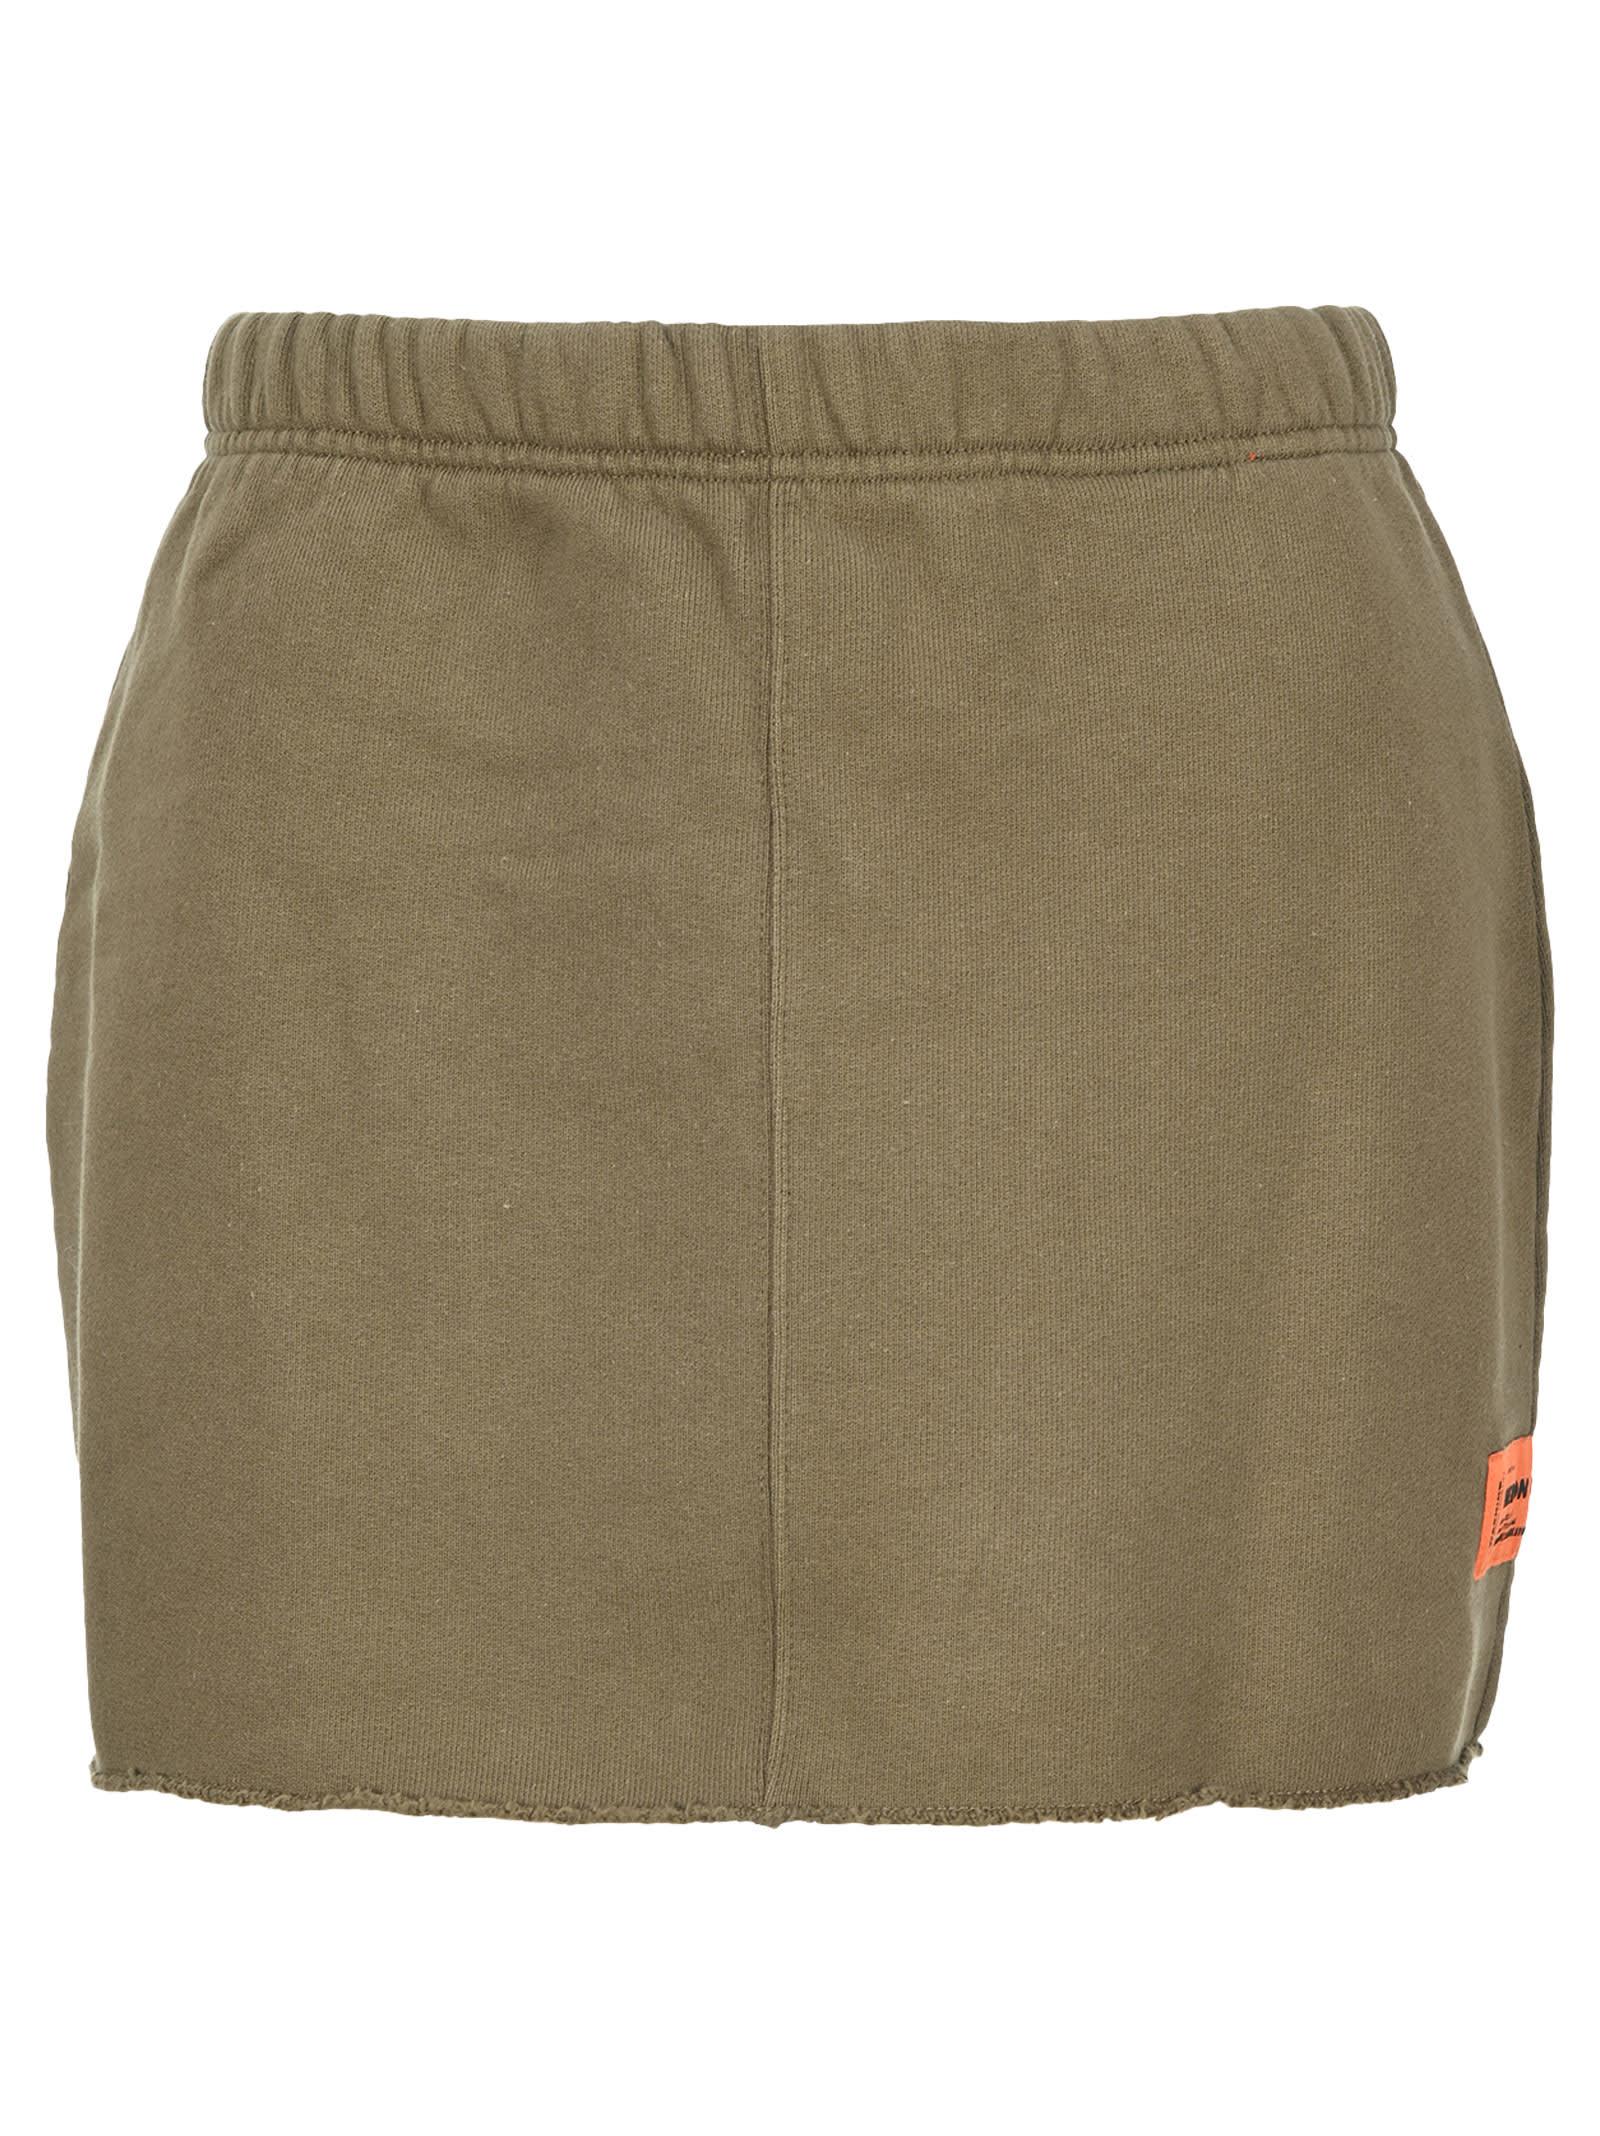 Heron Preston Jersey Mini Skirt